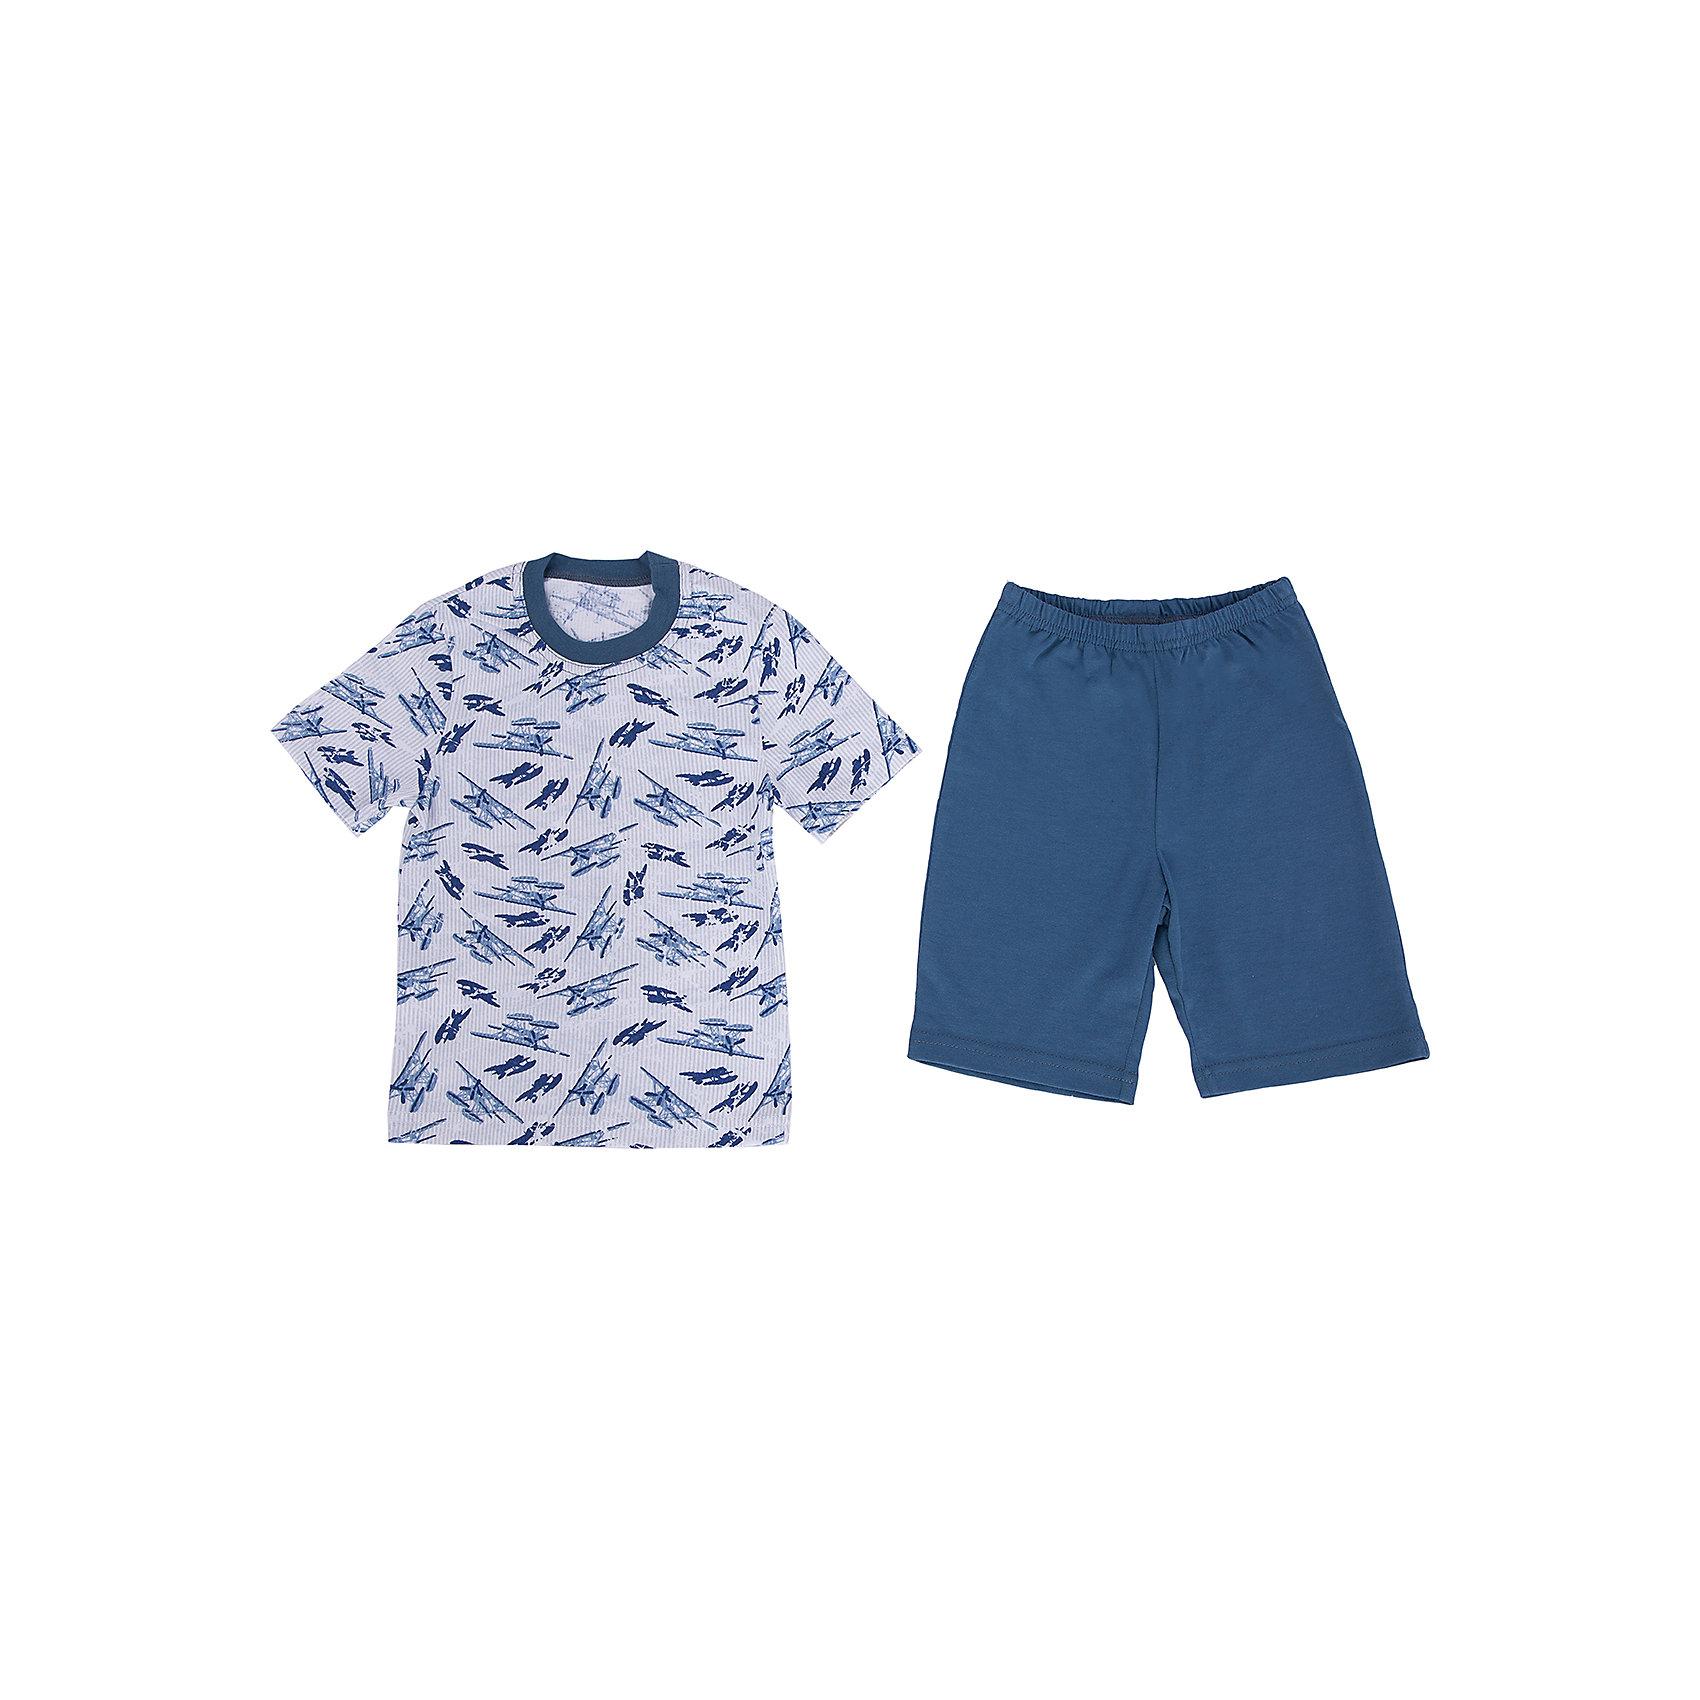 Пижама для мальчика АпрельПижамы и сорочки<br>Пижама для мальчика от известного бренда Апрель.<br><br>Состав:<br>хлопок 100%<br><br>Ширина мм: 281<br>Глубина мм: 70<br>Высота мм: 188<br>Вес г: 295<br>Цвет: синий<br>Возраст от месяцев: 60<br>Возраст до месяцев: 72<br>Пол: Мужской<br>Возраст: Детский<br>Размер: 116,86,104,92,98,110<br>SKU: 4768091